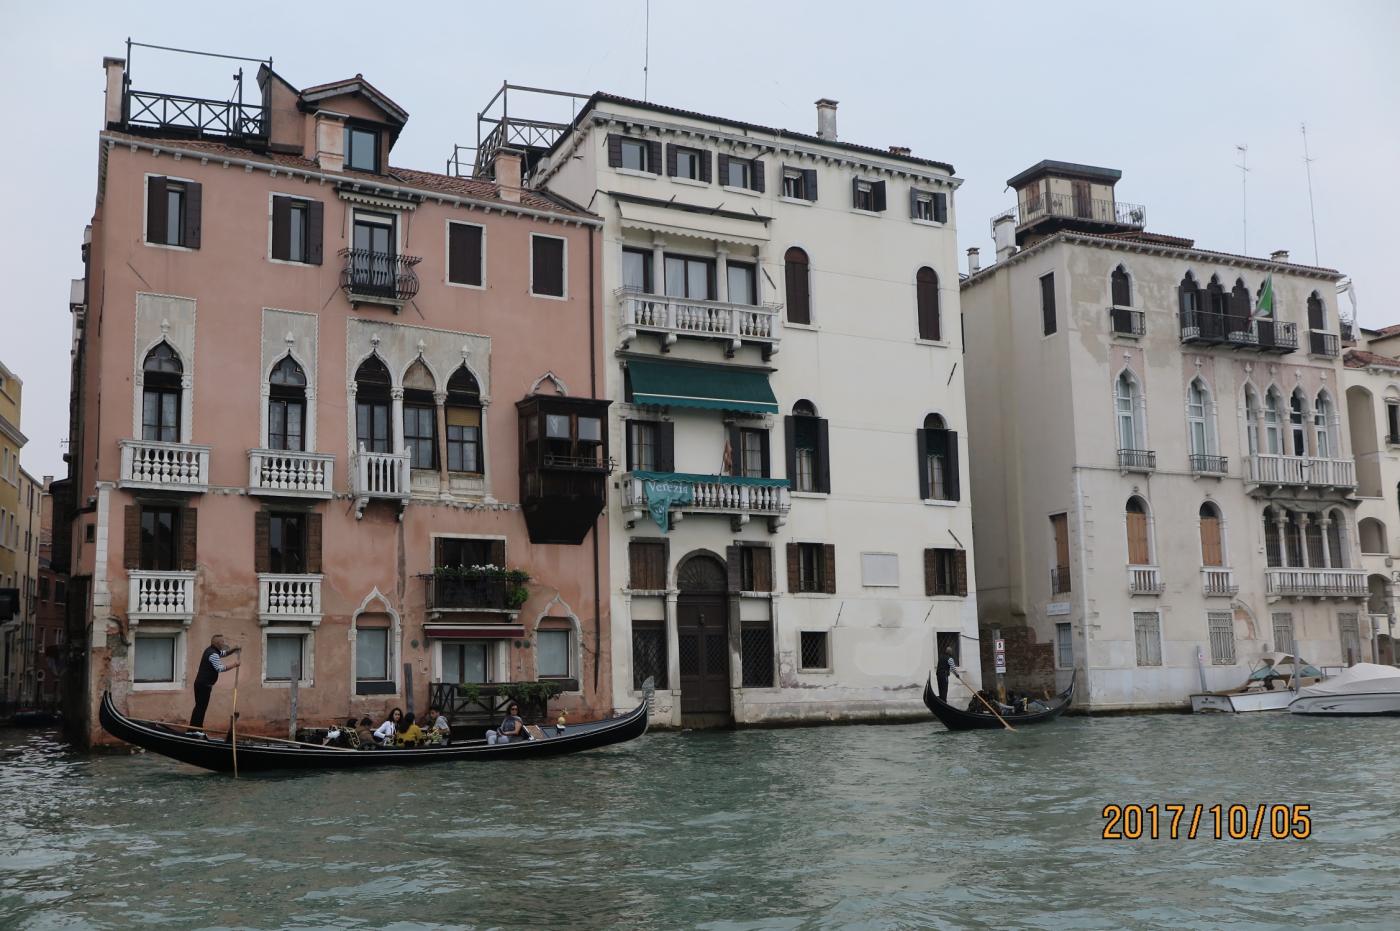 水乡威尼斯:无限的魅力永久的回忆_图1-18